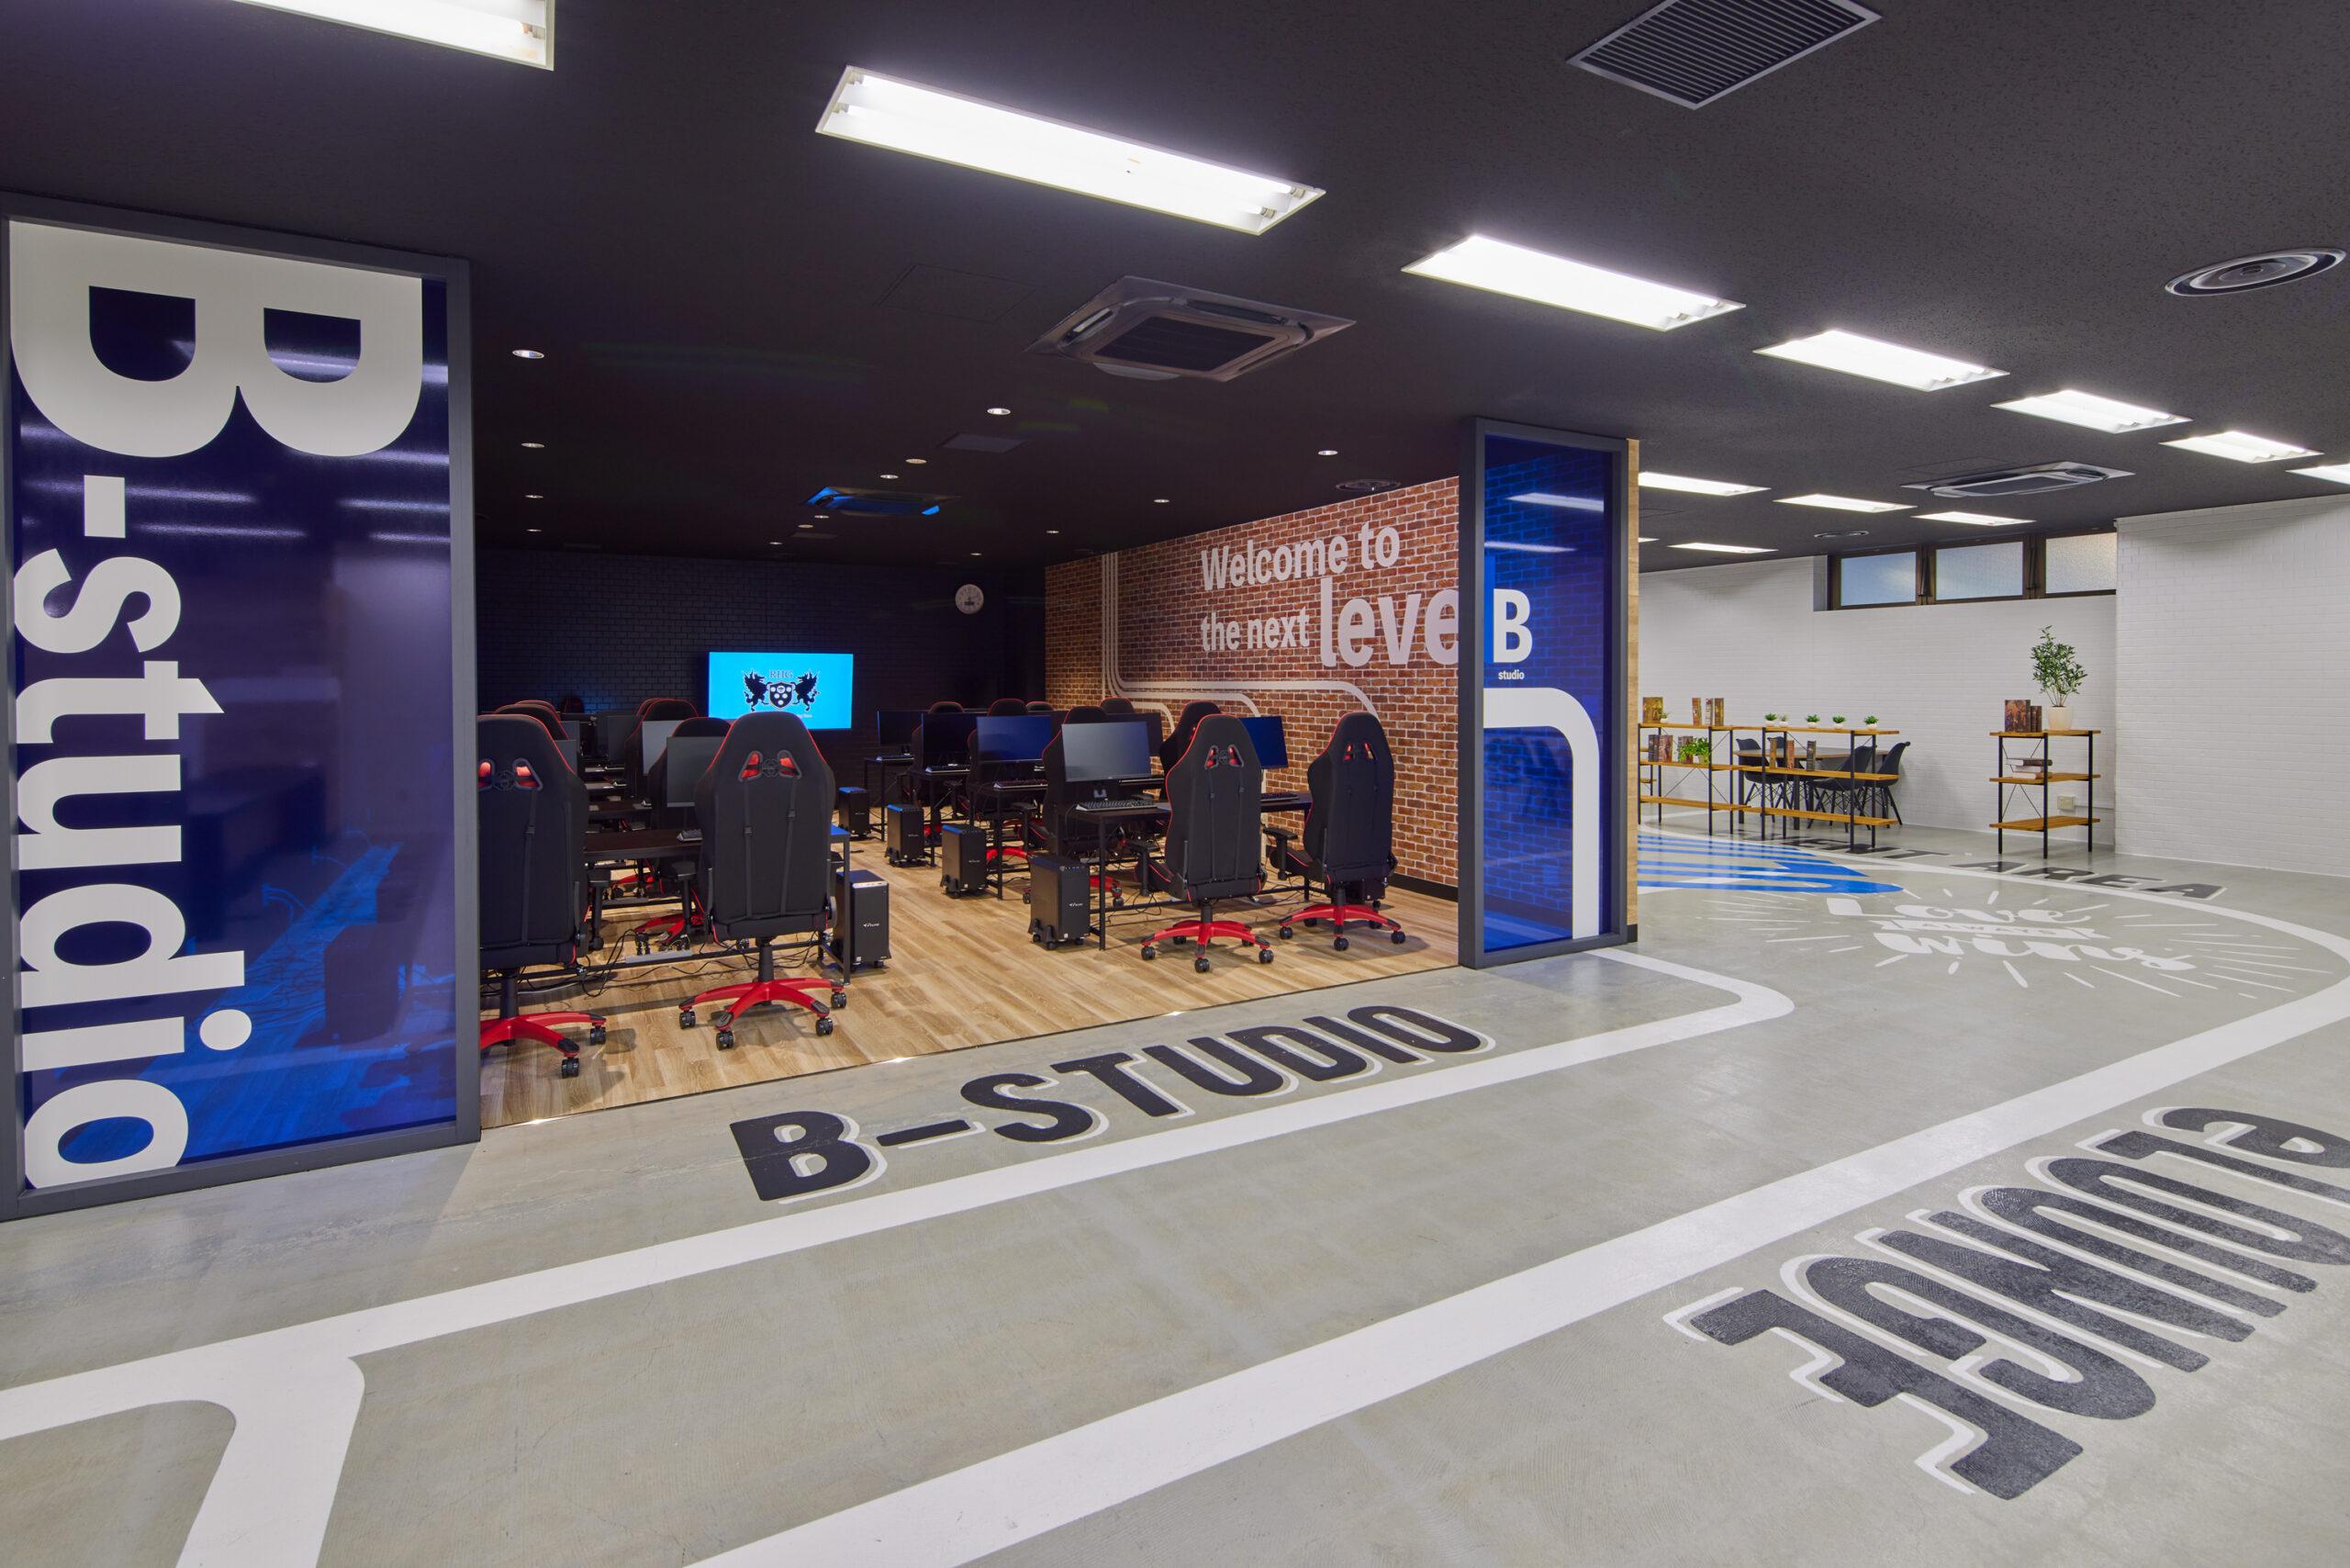 ルネサンス高校 横浜キャンパス eスポーツコース